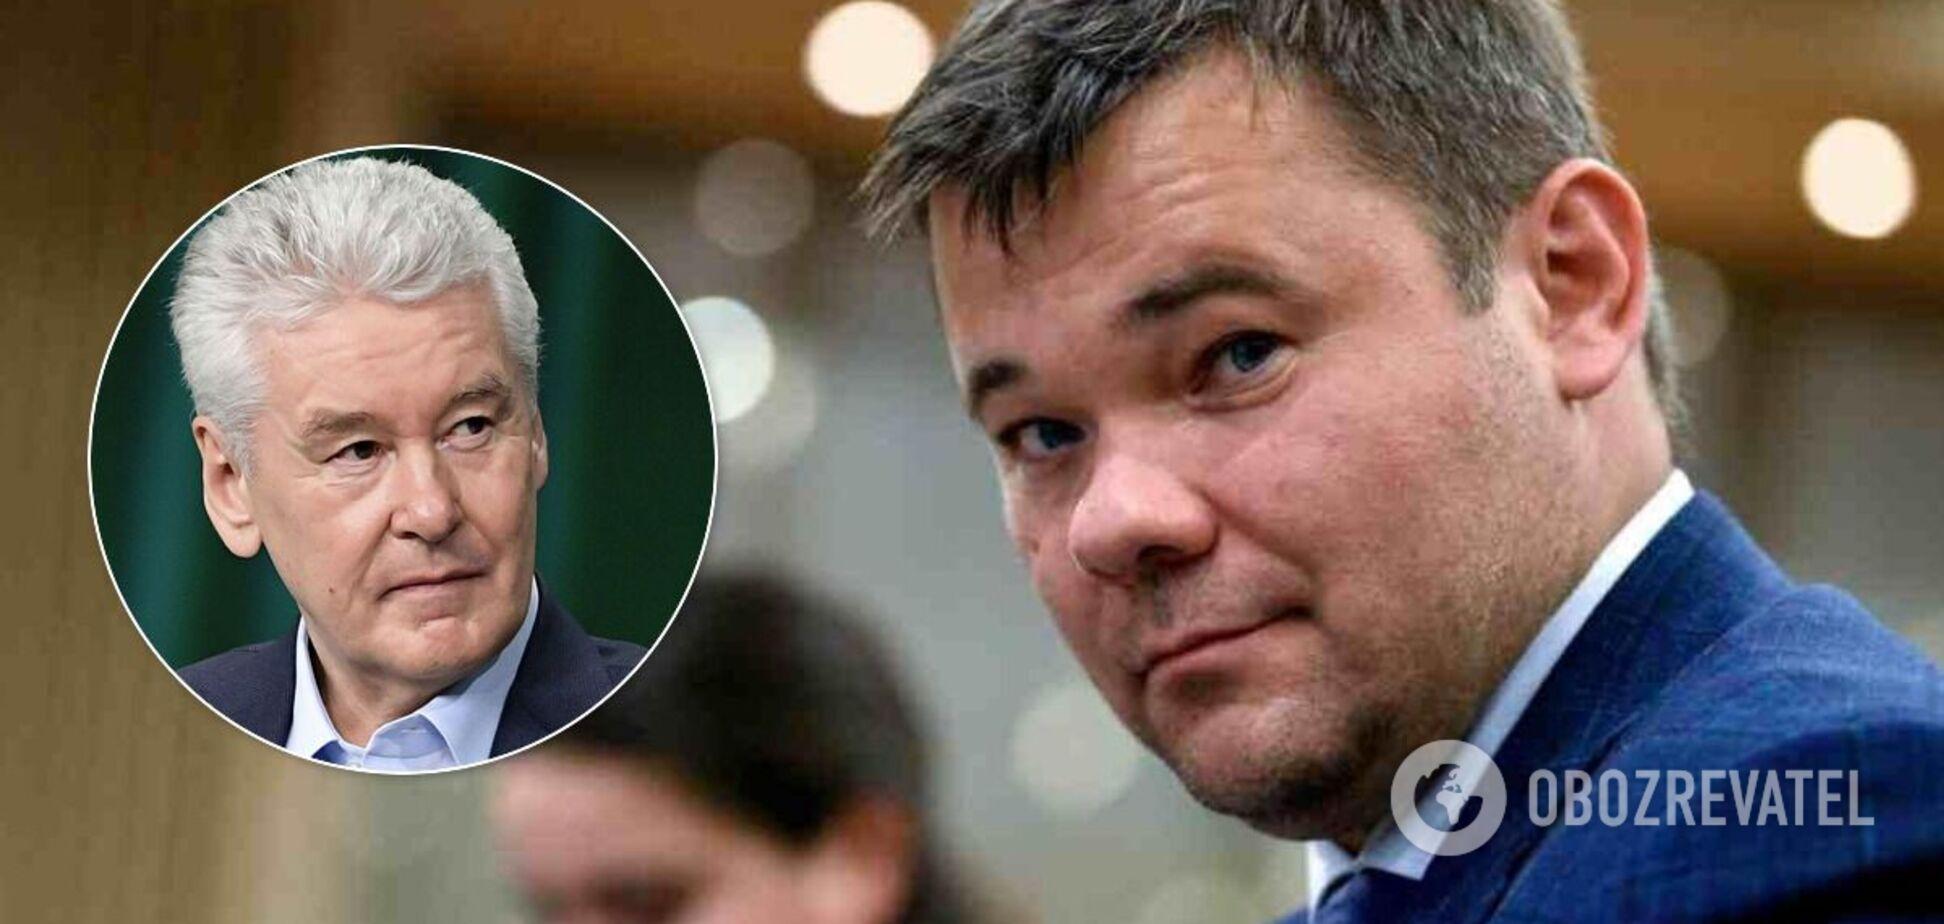 Богдан выбрал Собянина преемником Путина